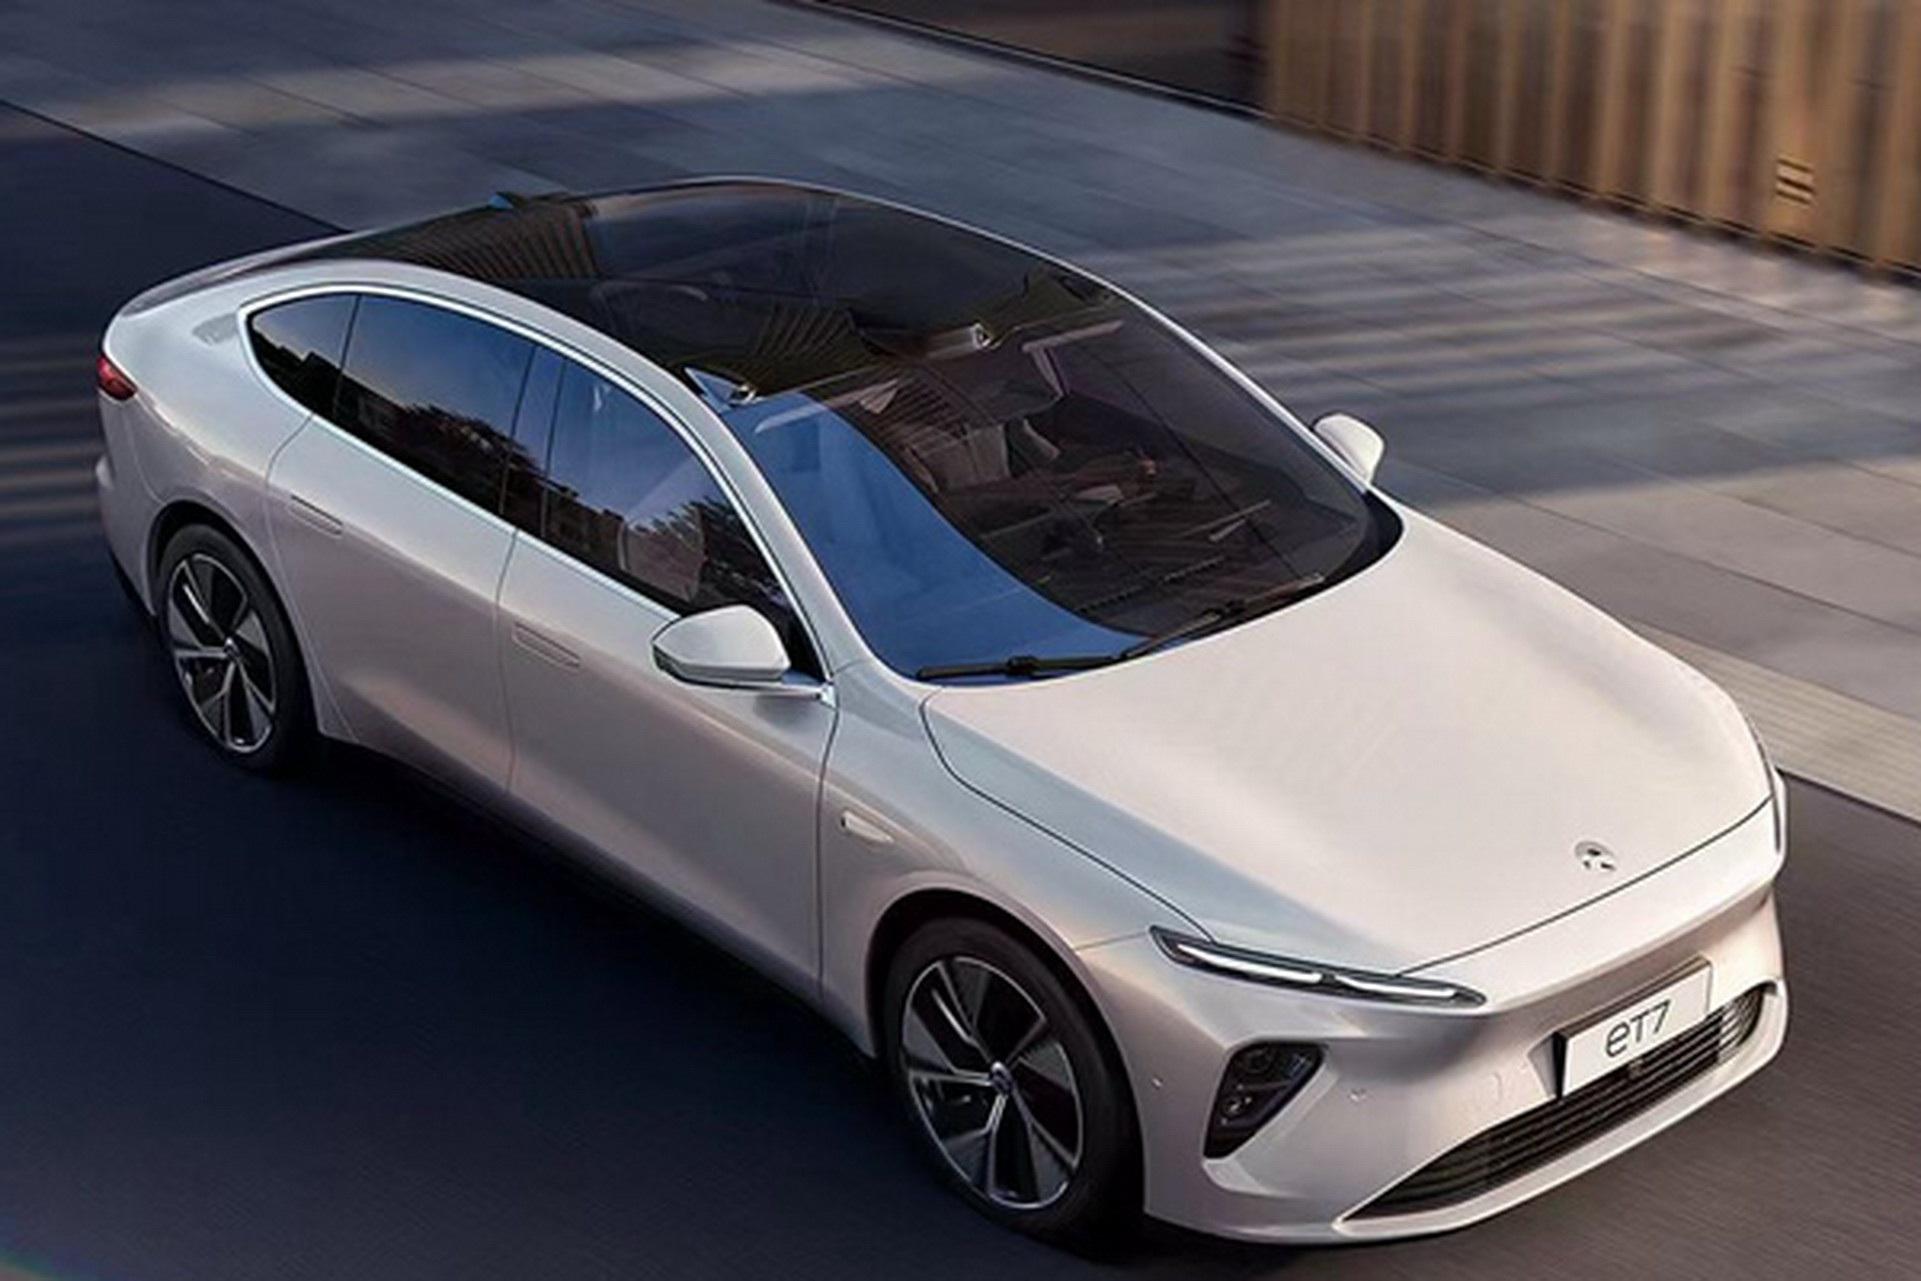 Đèn kiểu mắt hí trở thành trào lưu thiết kế trên các mẫu xe mới - 5